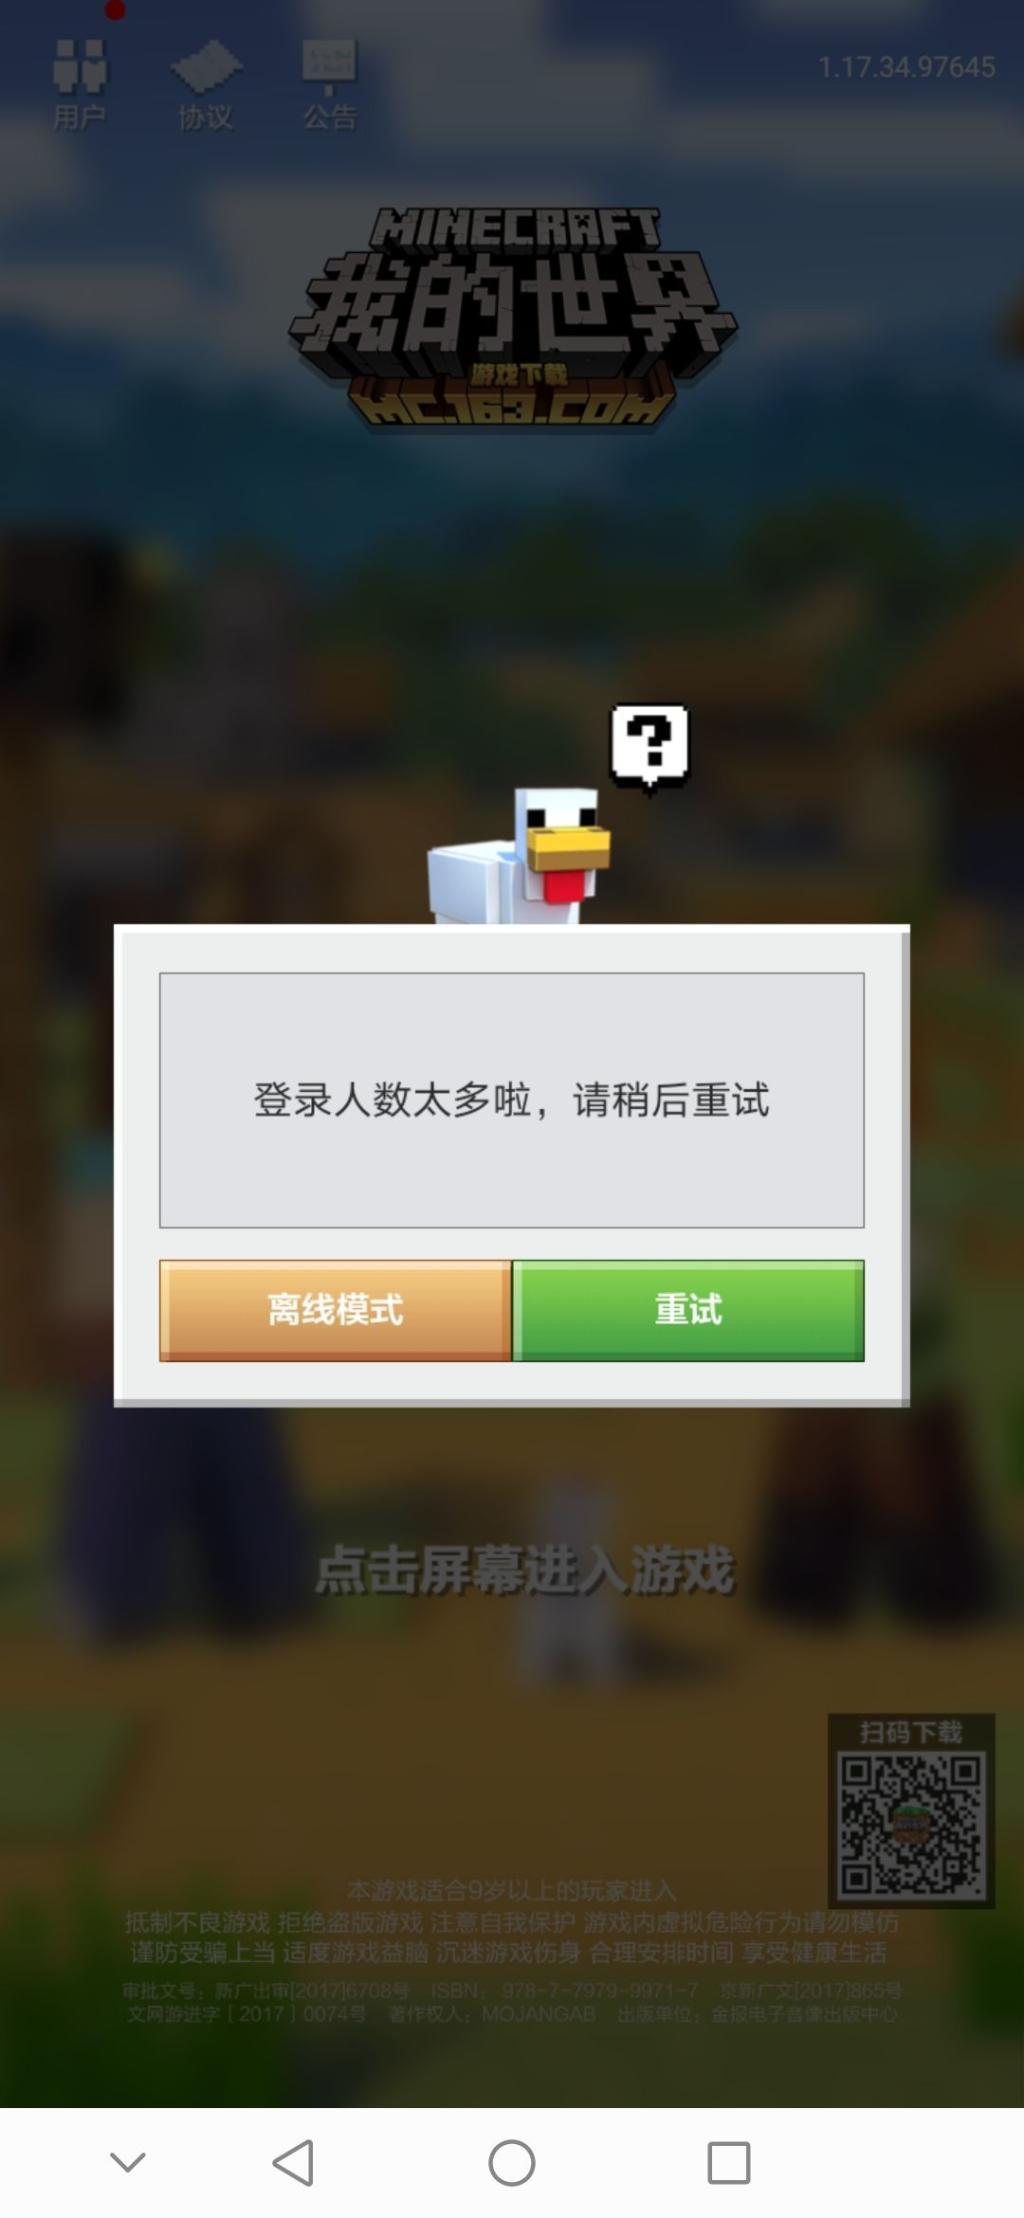 附件1593524218.jpg